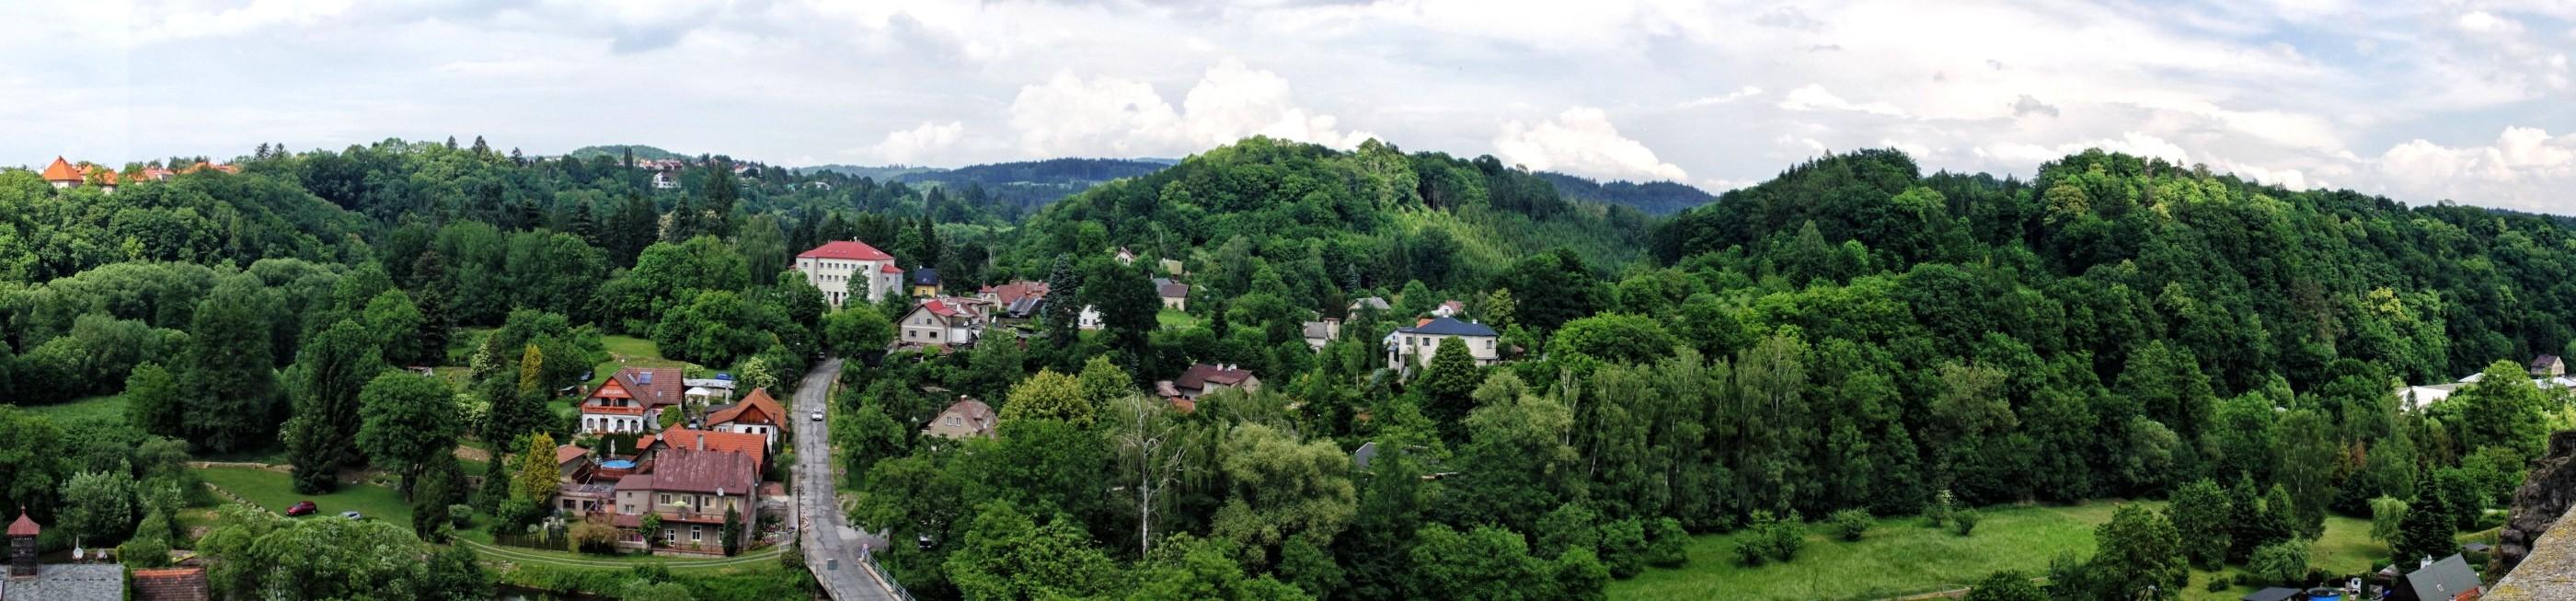 Tutaj widzimy jak pięknie położone jest Nove Mesto nad Metuji